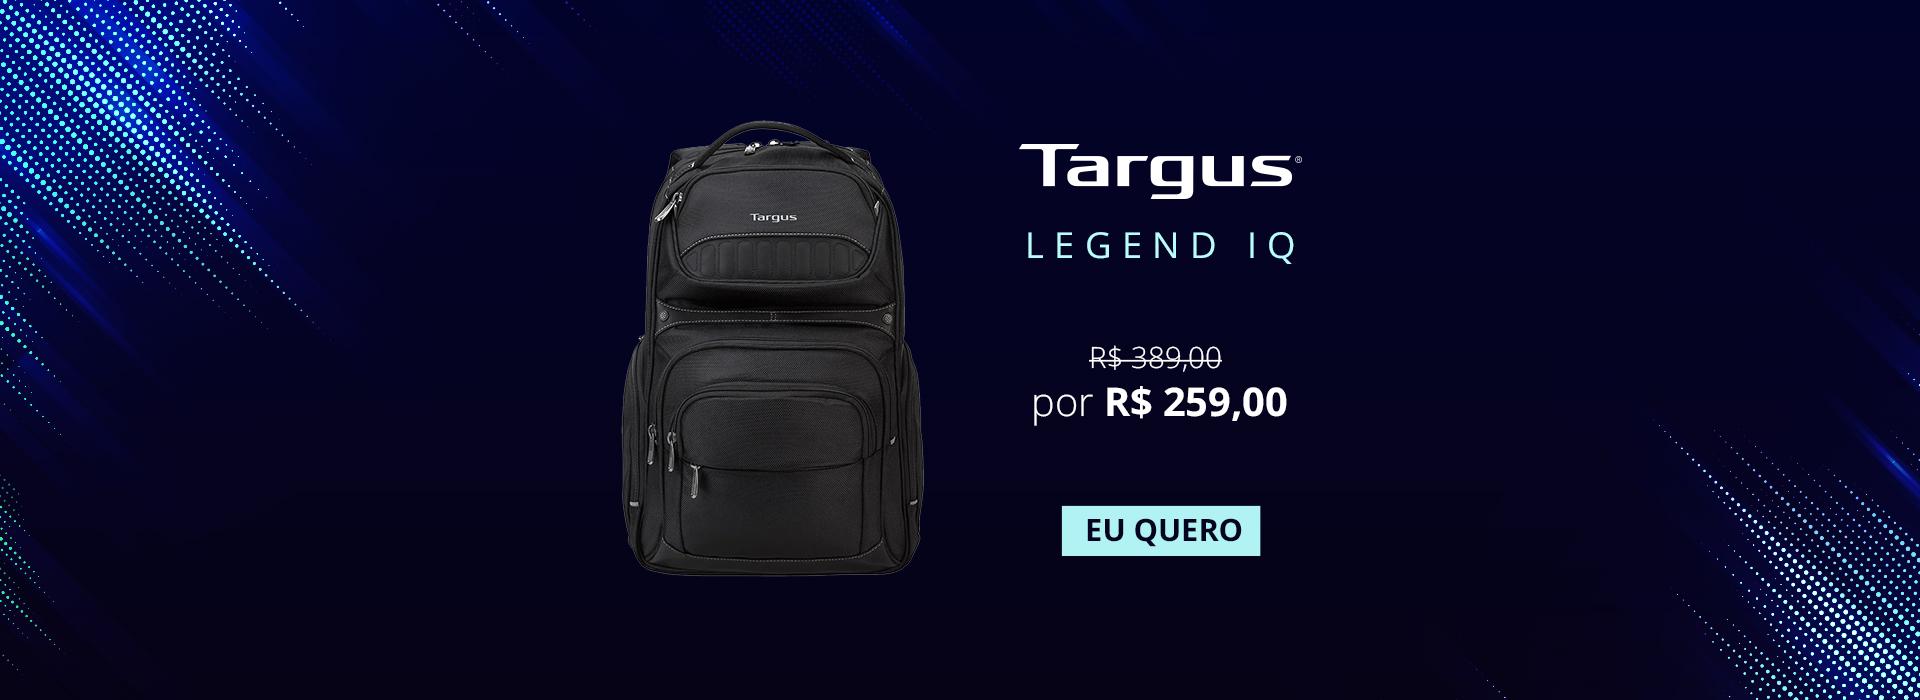 Banner 3 - Targus